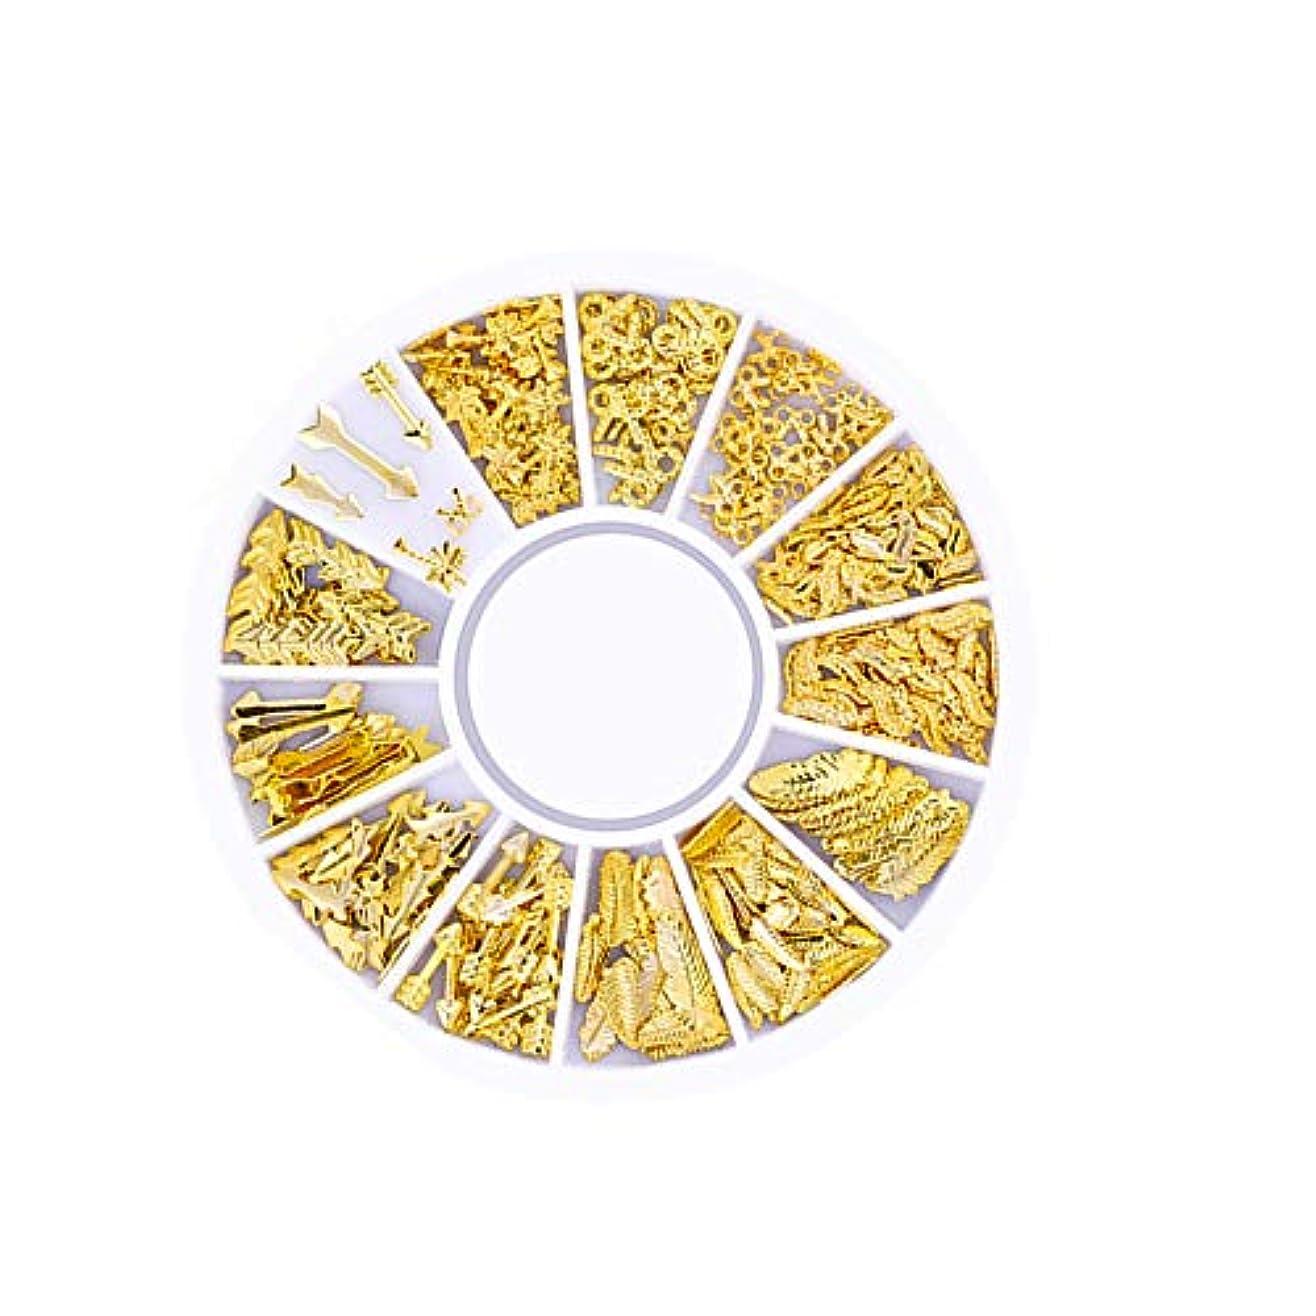 姿を消すタヒチ幸運な200カウント/バッグネイルステッカー3Dミニメタルスタッド魅力的なグリッターネイル用品DIYネイルファッション装飾的なレトロシリーズ